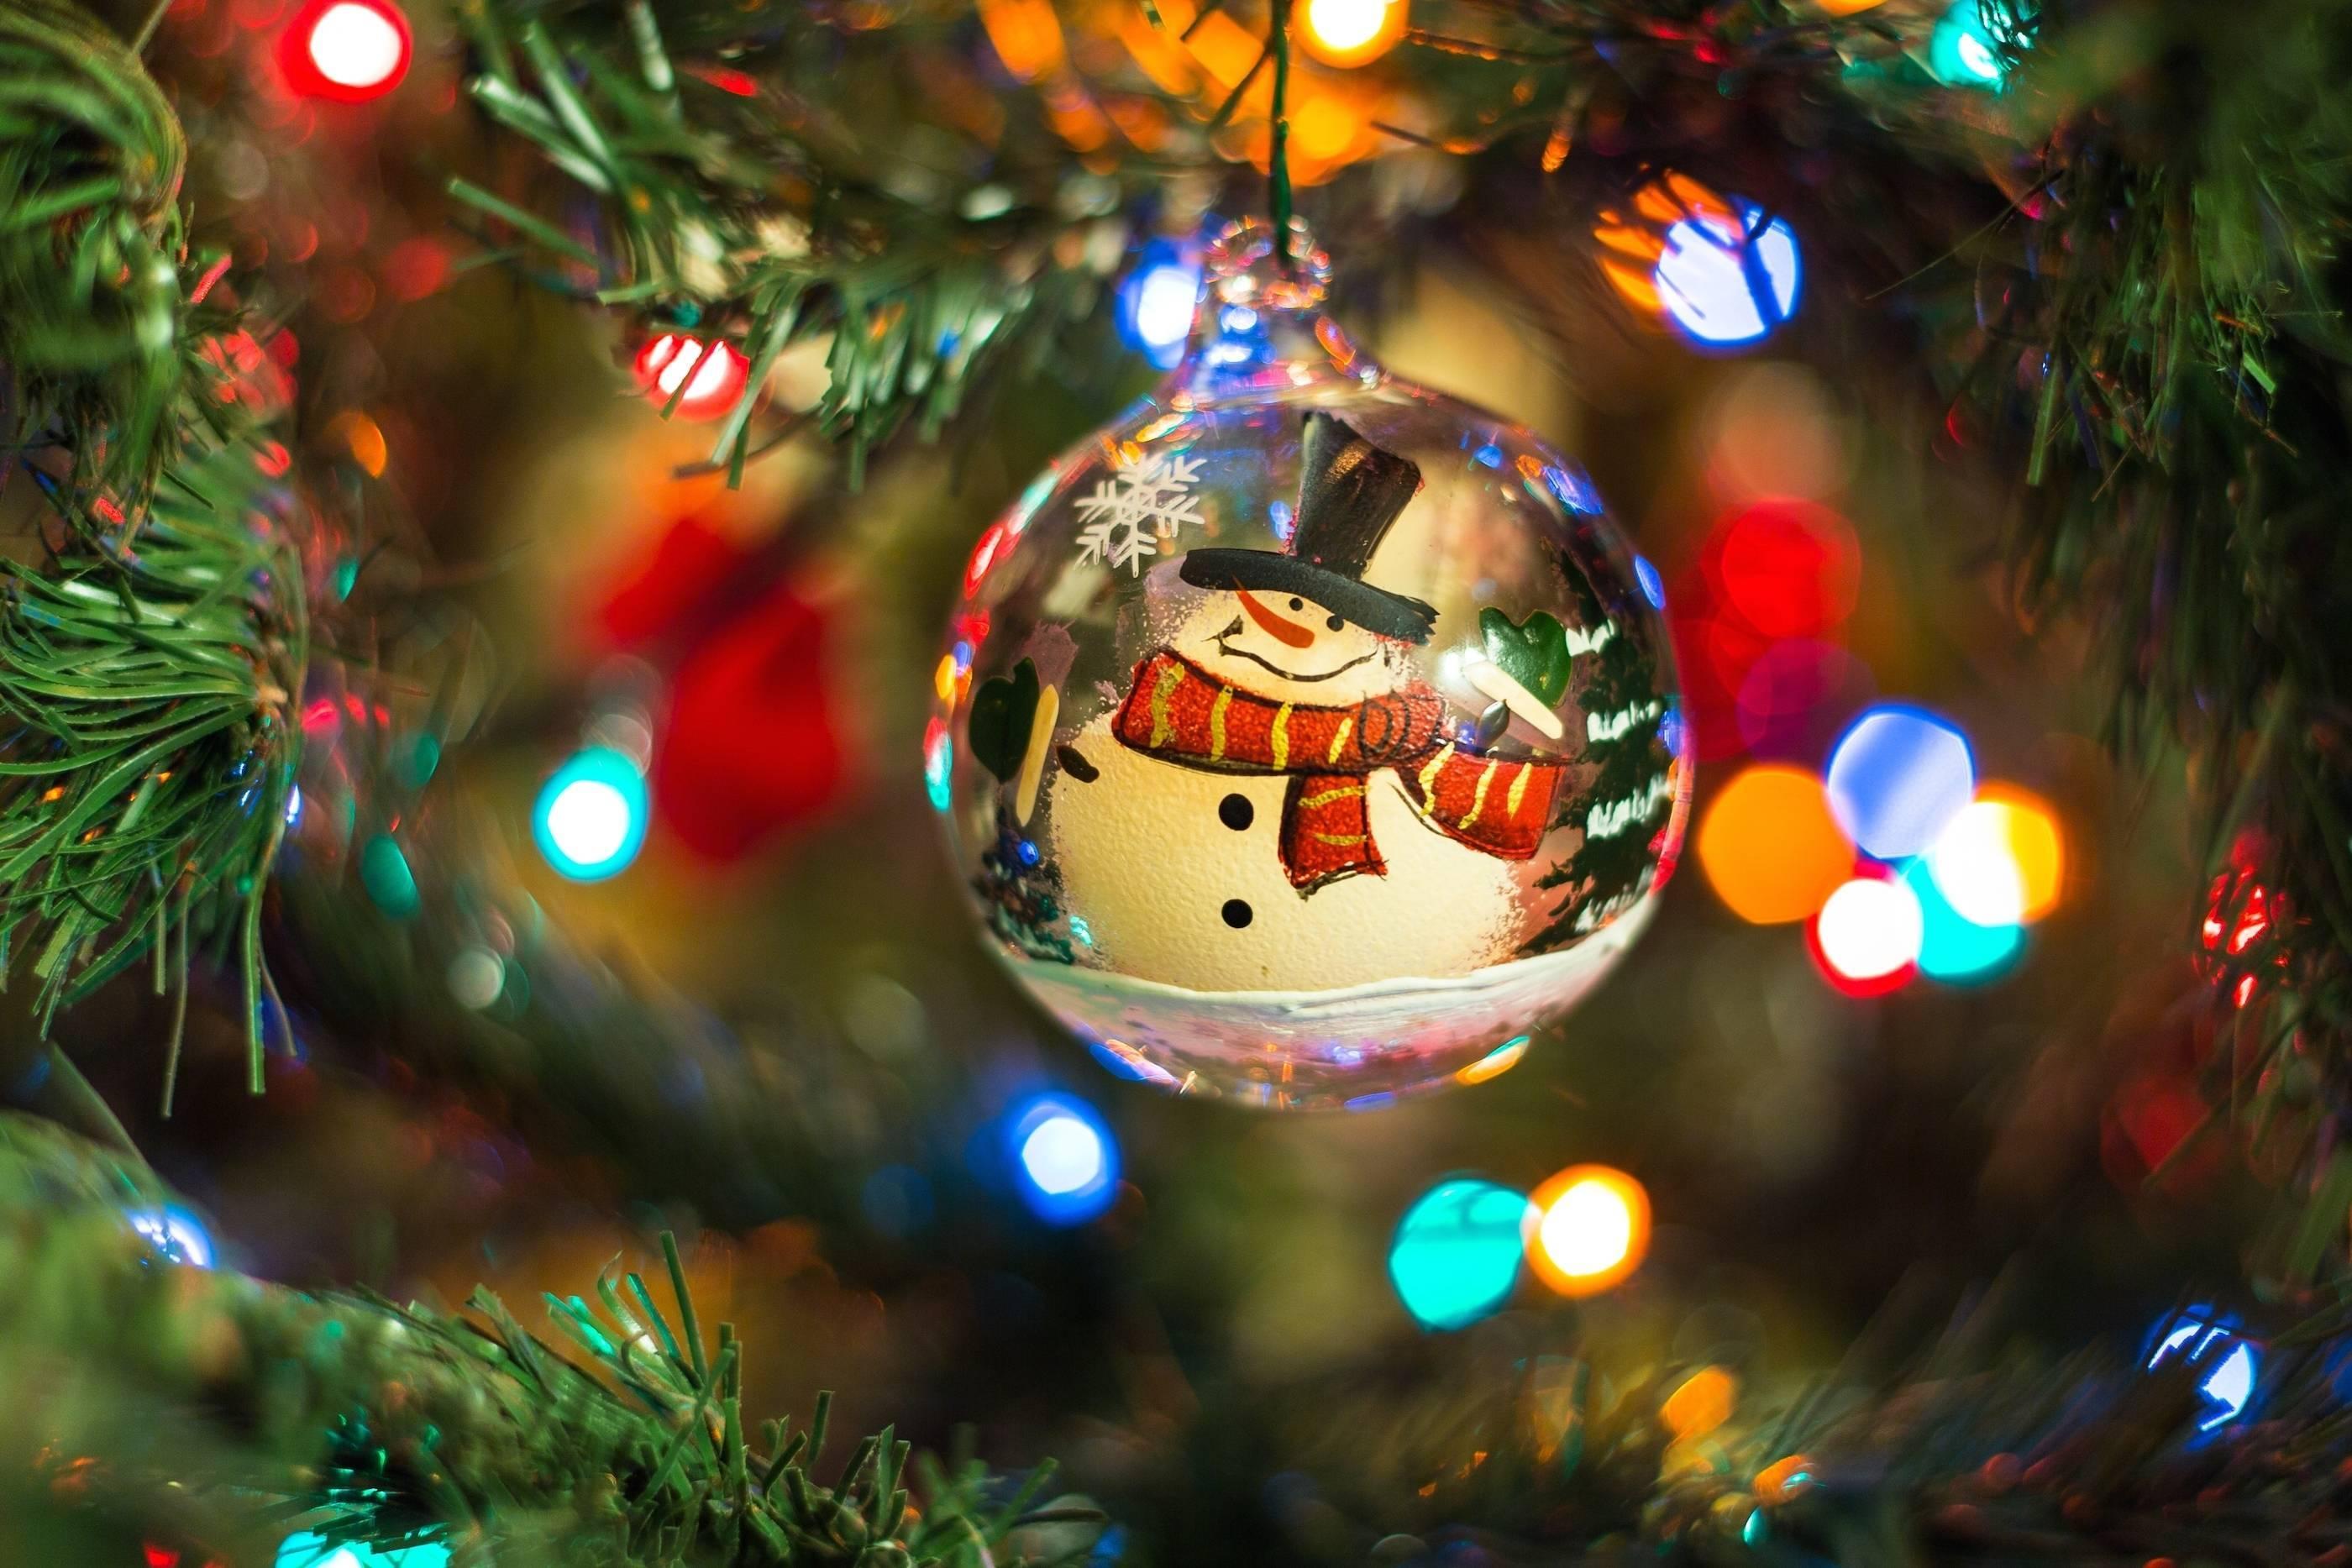 9b69f91468af3840a15b_best_ef464b7f590ecc3d76ee_e522b947521a08de84d5_Christmas_4-3.jpg